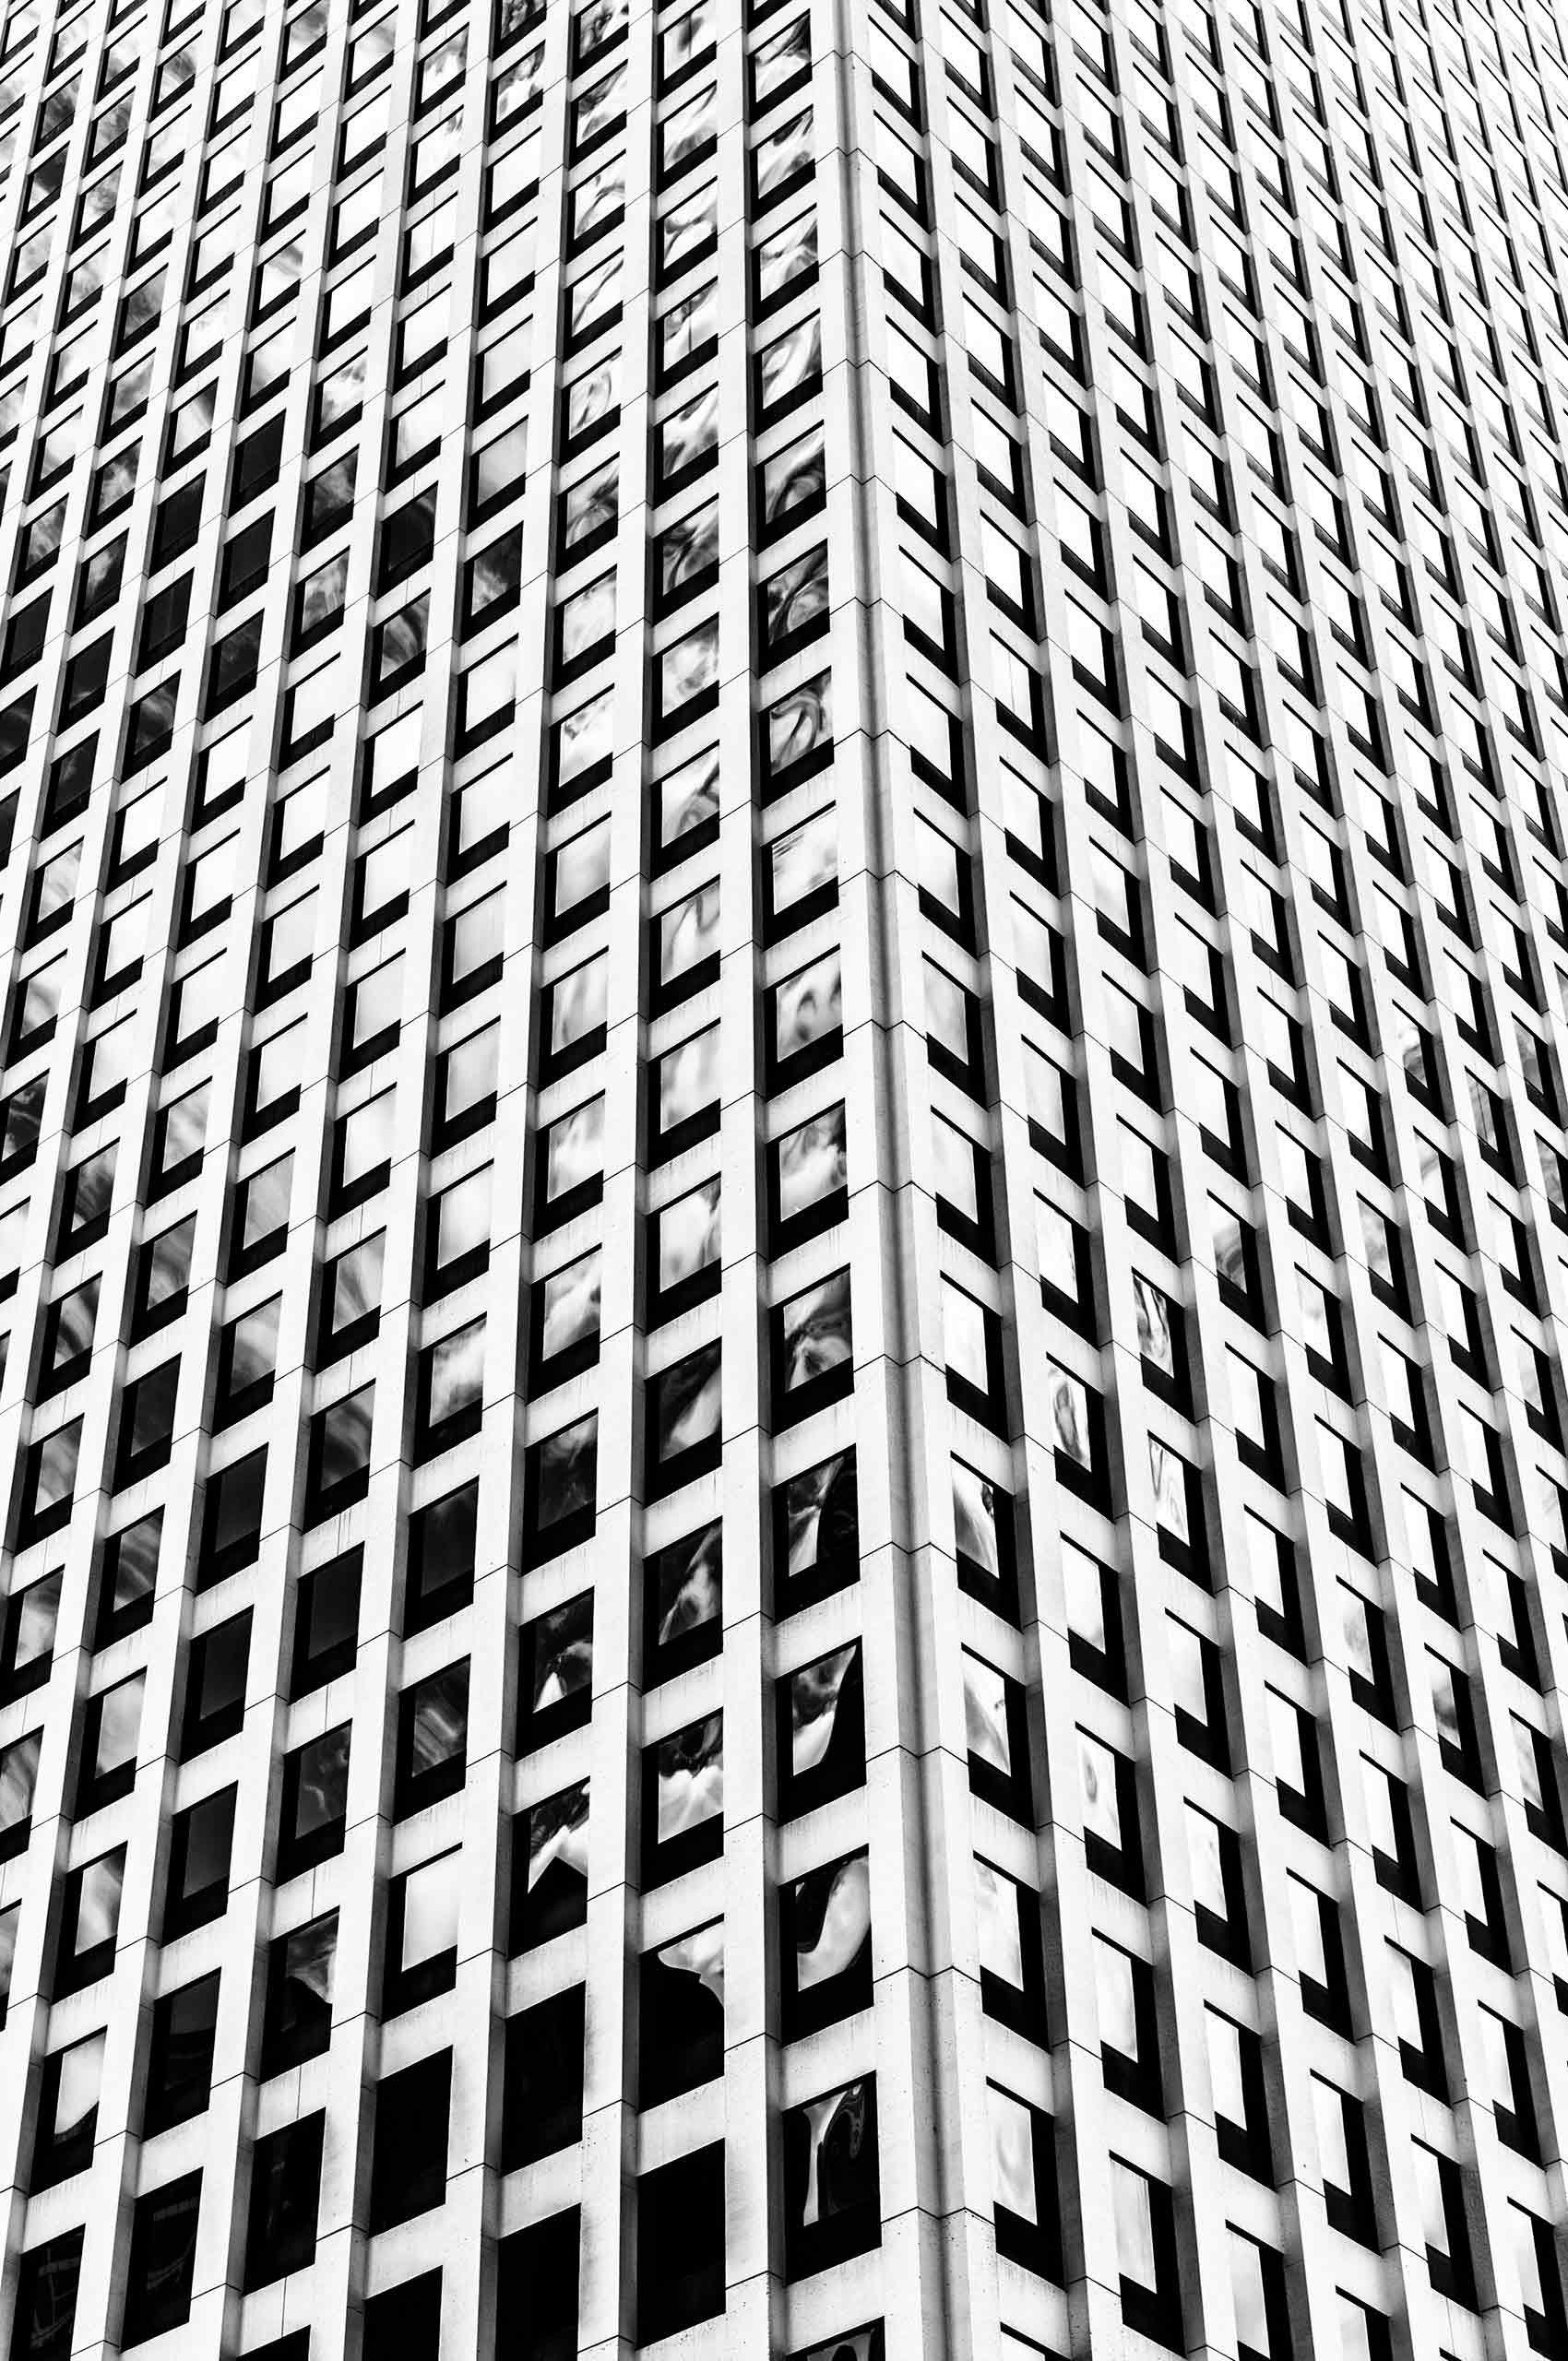 Facade, Chicago